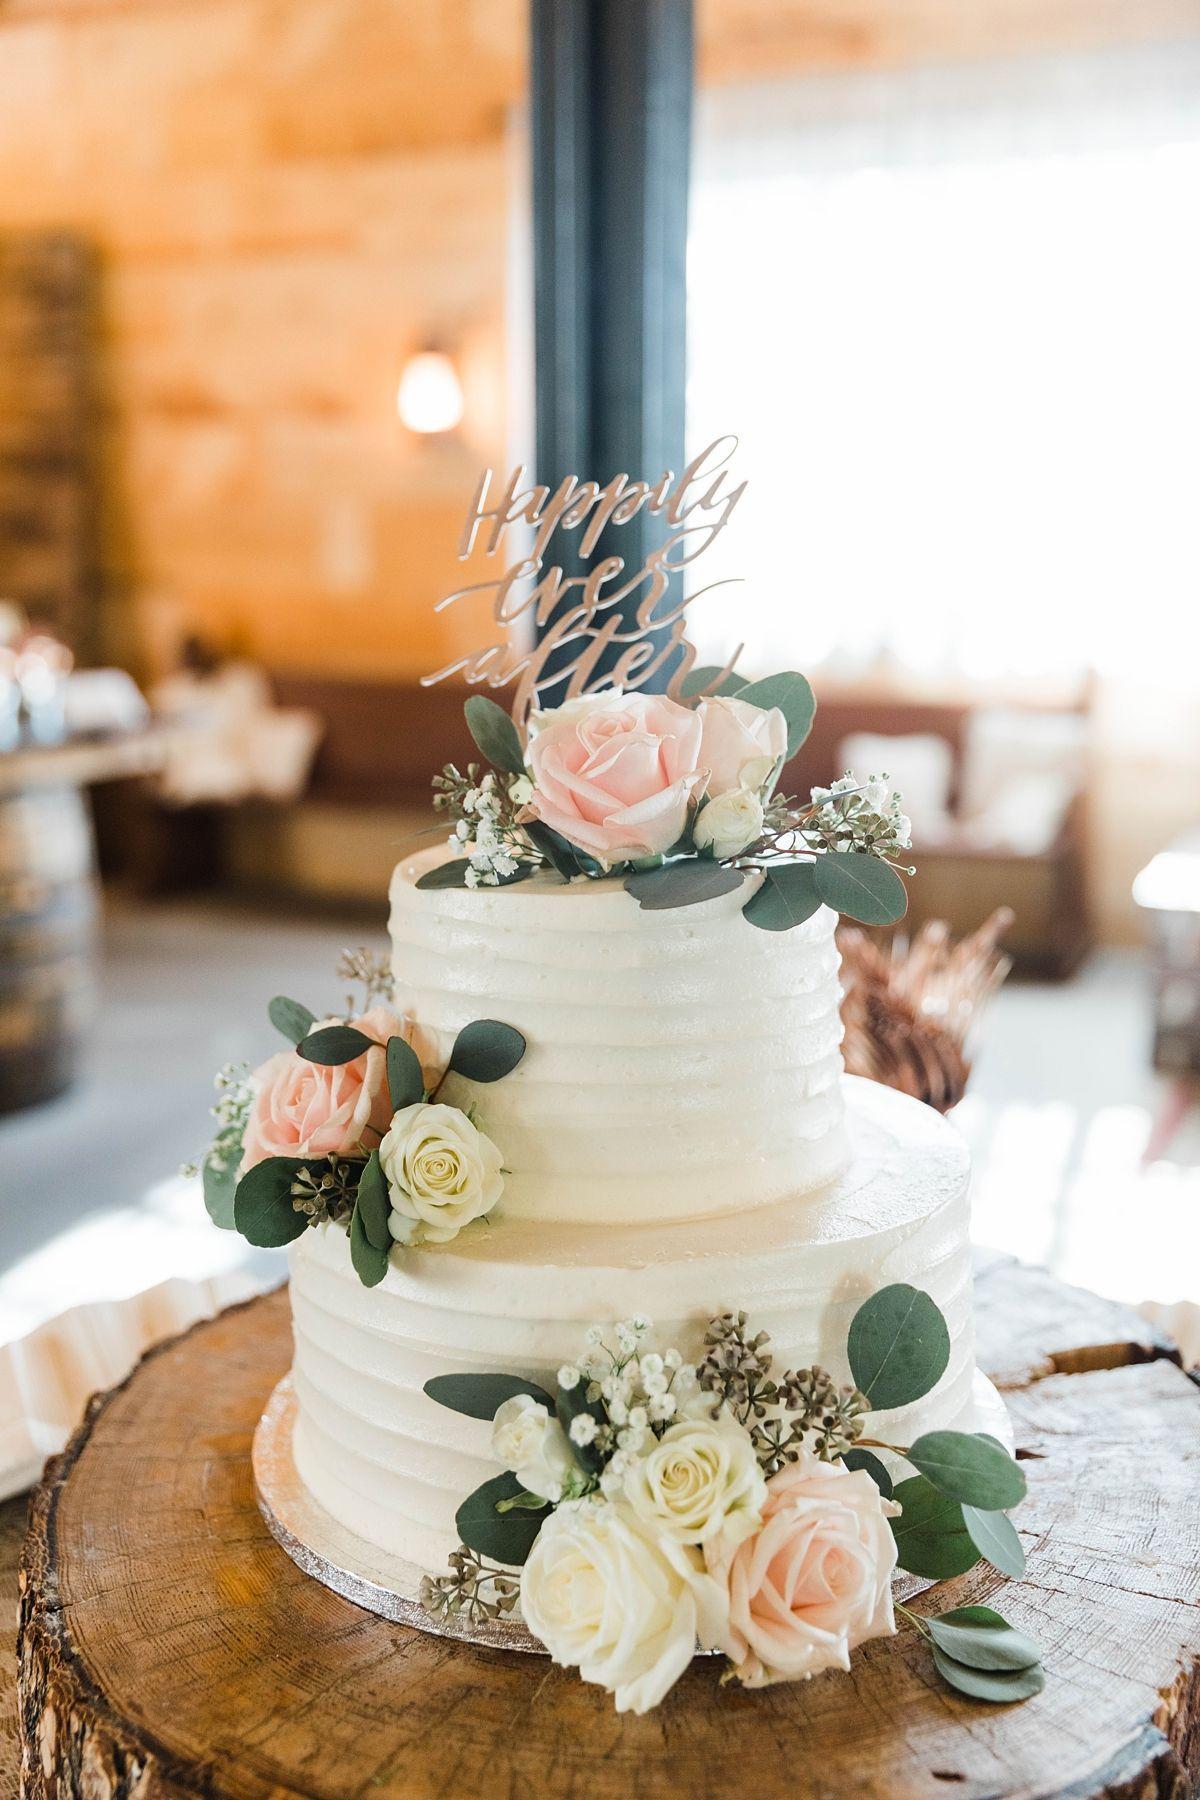 Wedding Cakes Spring Wedding Cakes Weddingcakes Photography By Tasha Rose Spring Payso Wedding Cake Two Tier Wedding Cakes With Flowers Spring Wedding Cake